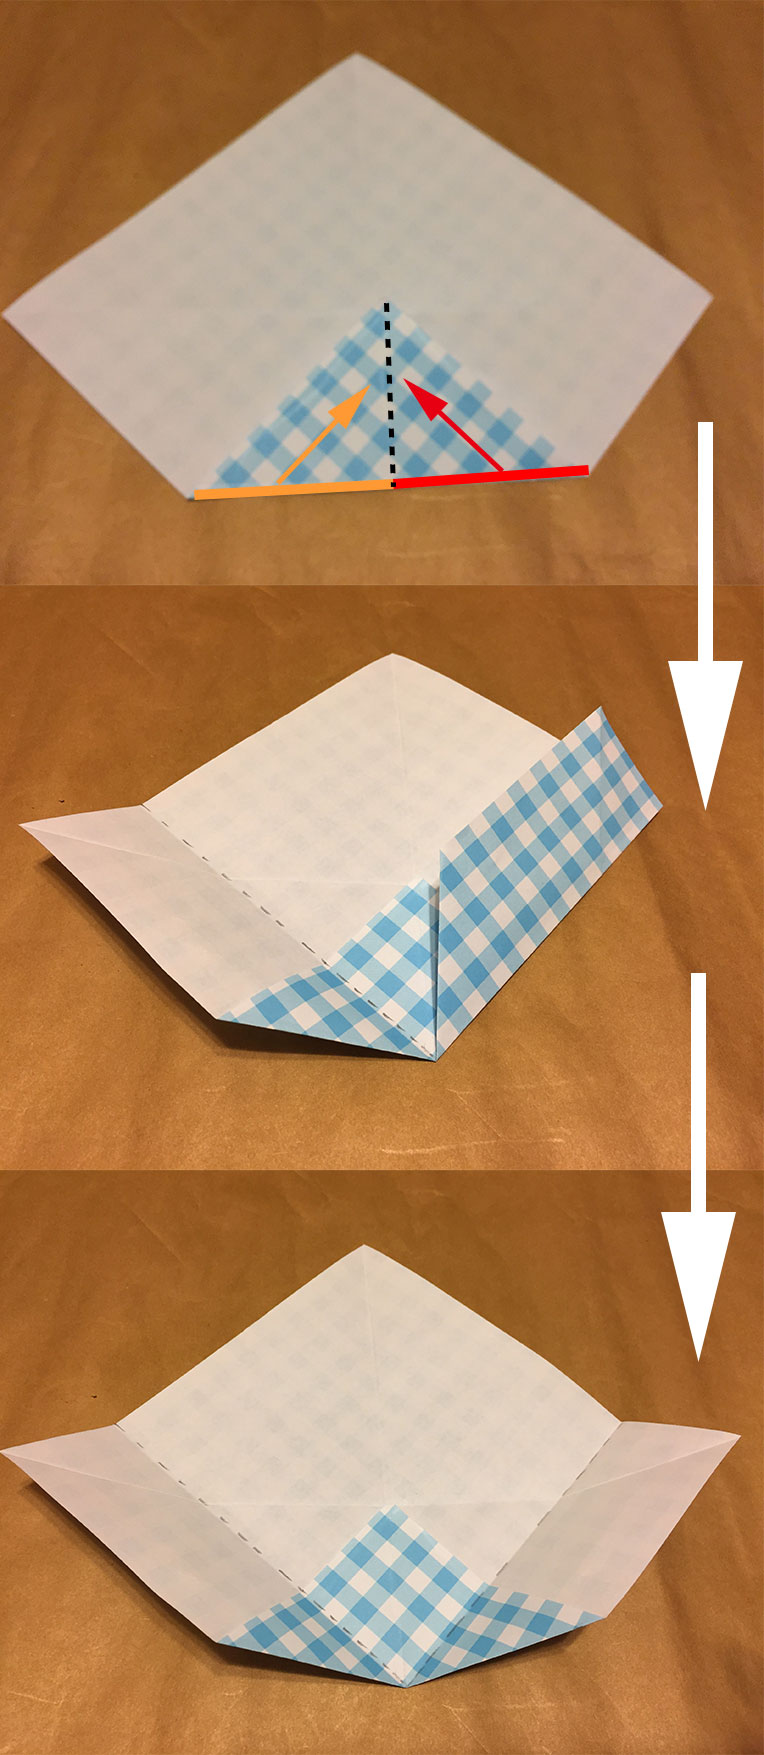 折り紙の下側の折り方を解説している写真